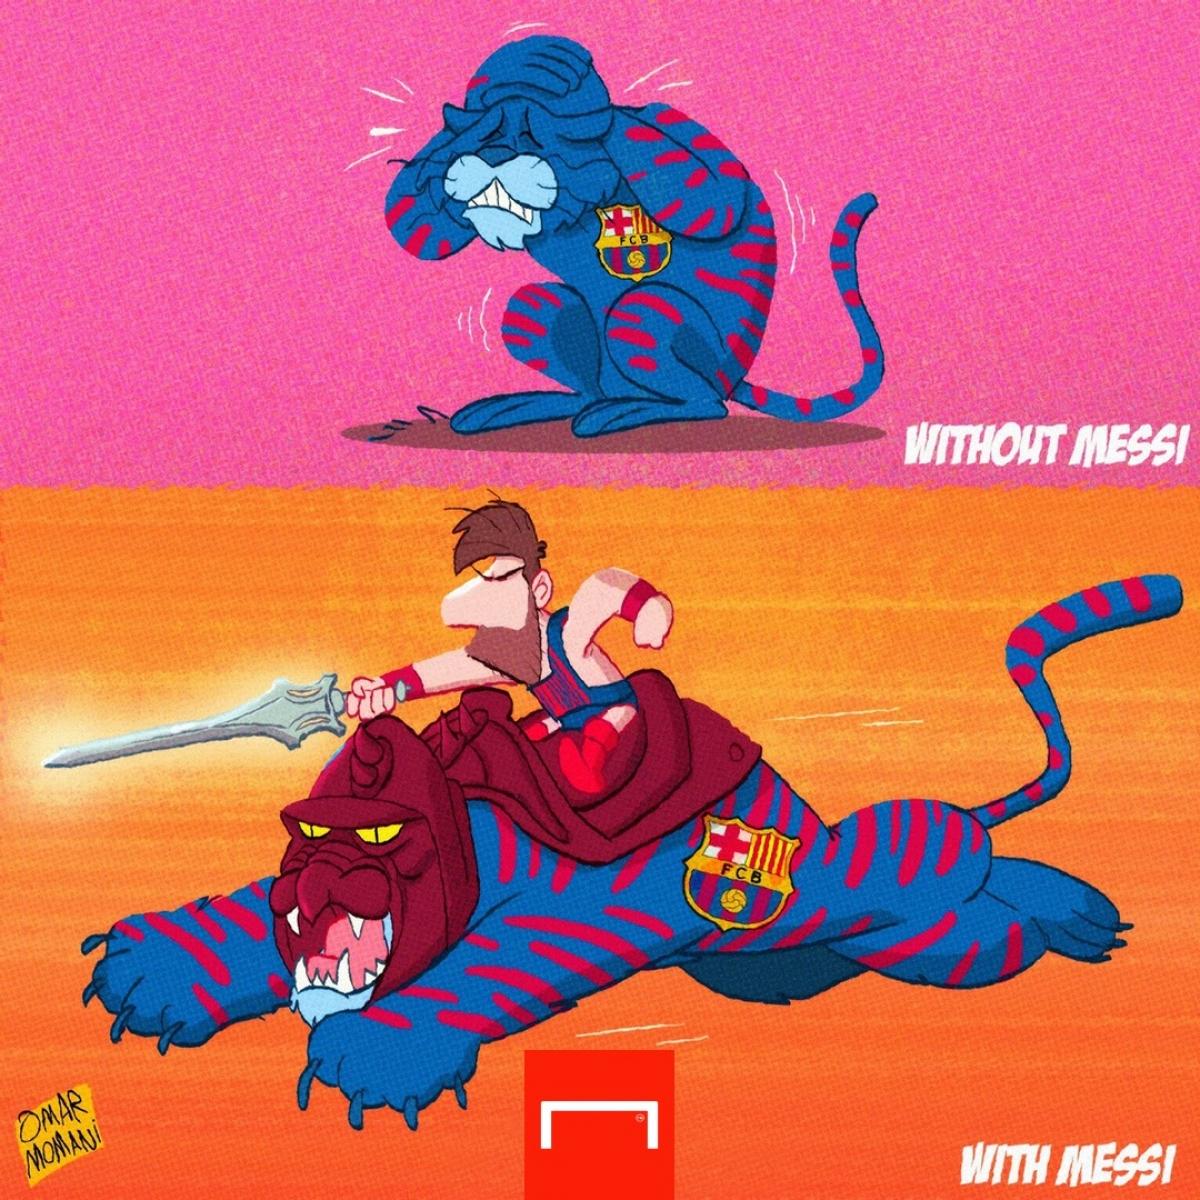 Sự khác biệt của Barca khi có Messi và không có Messi. (Ảnh: Omar Monani)./.